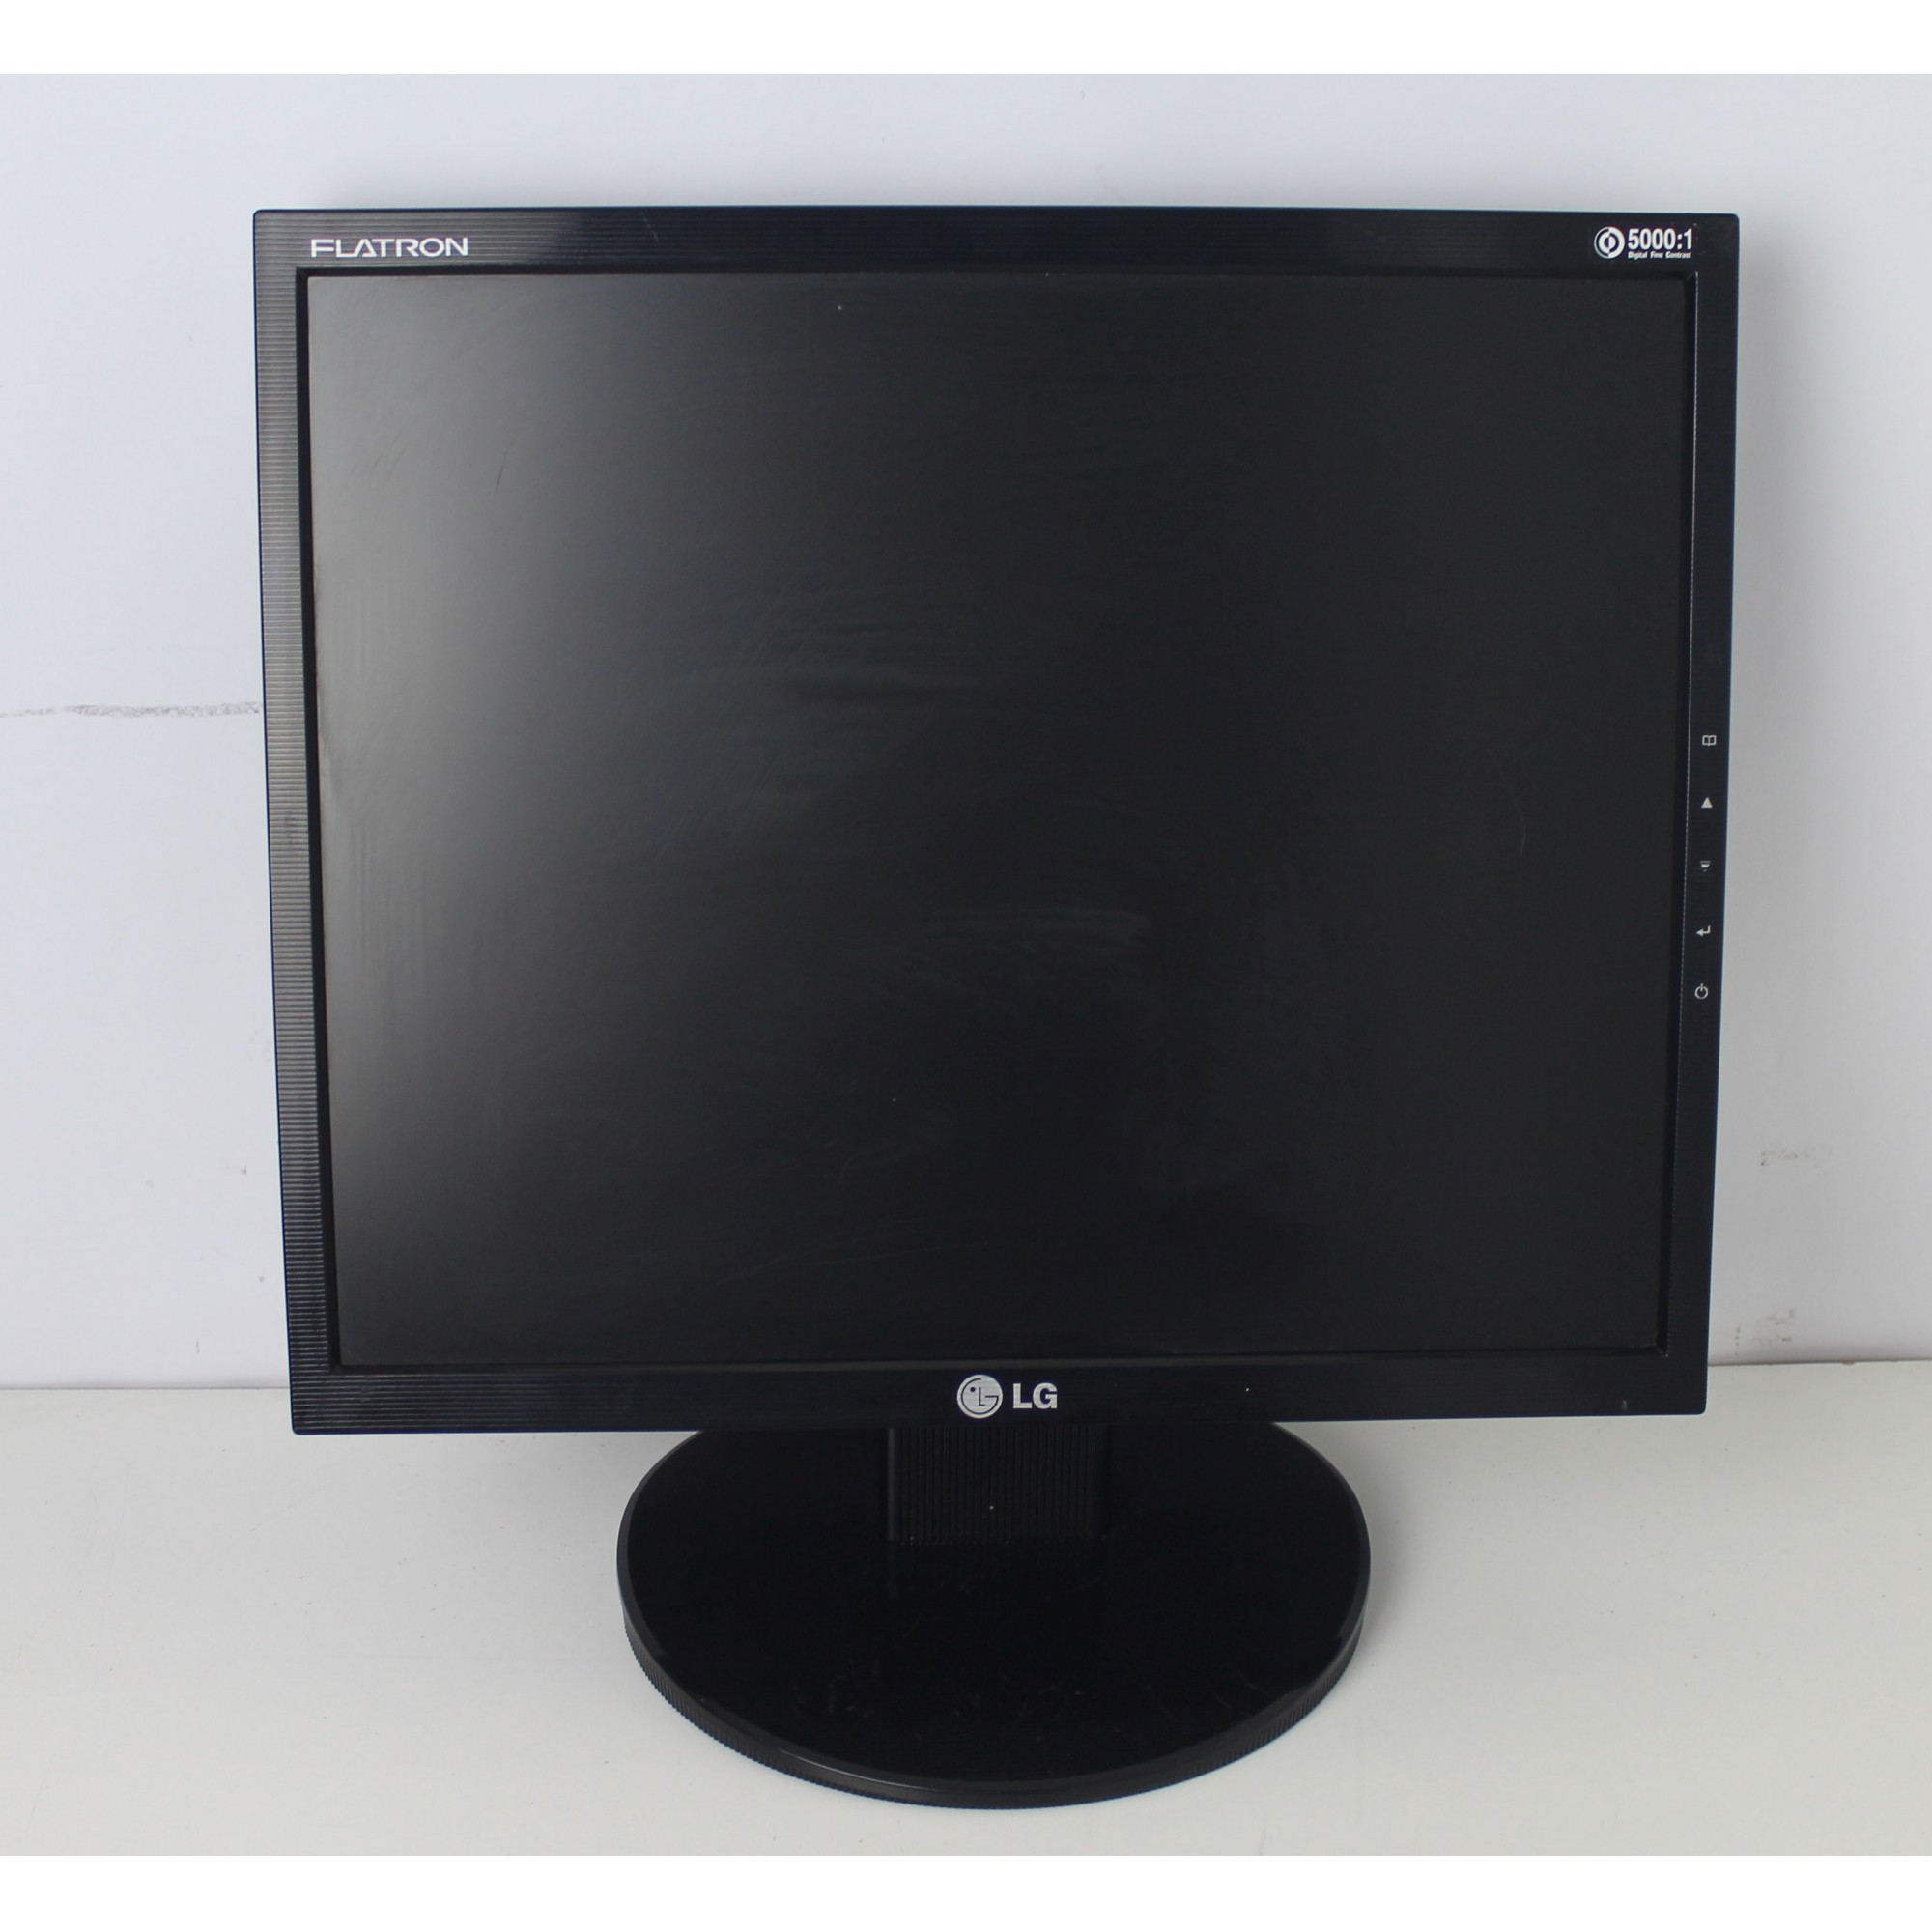 """Monitor LG flatron L1753TS 17"""" - LCD (Não Enviamos)"""